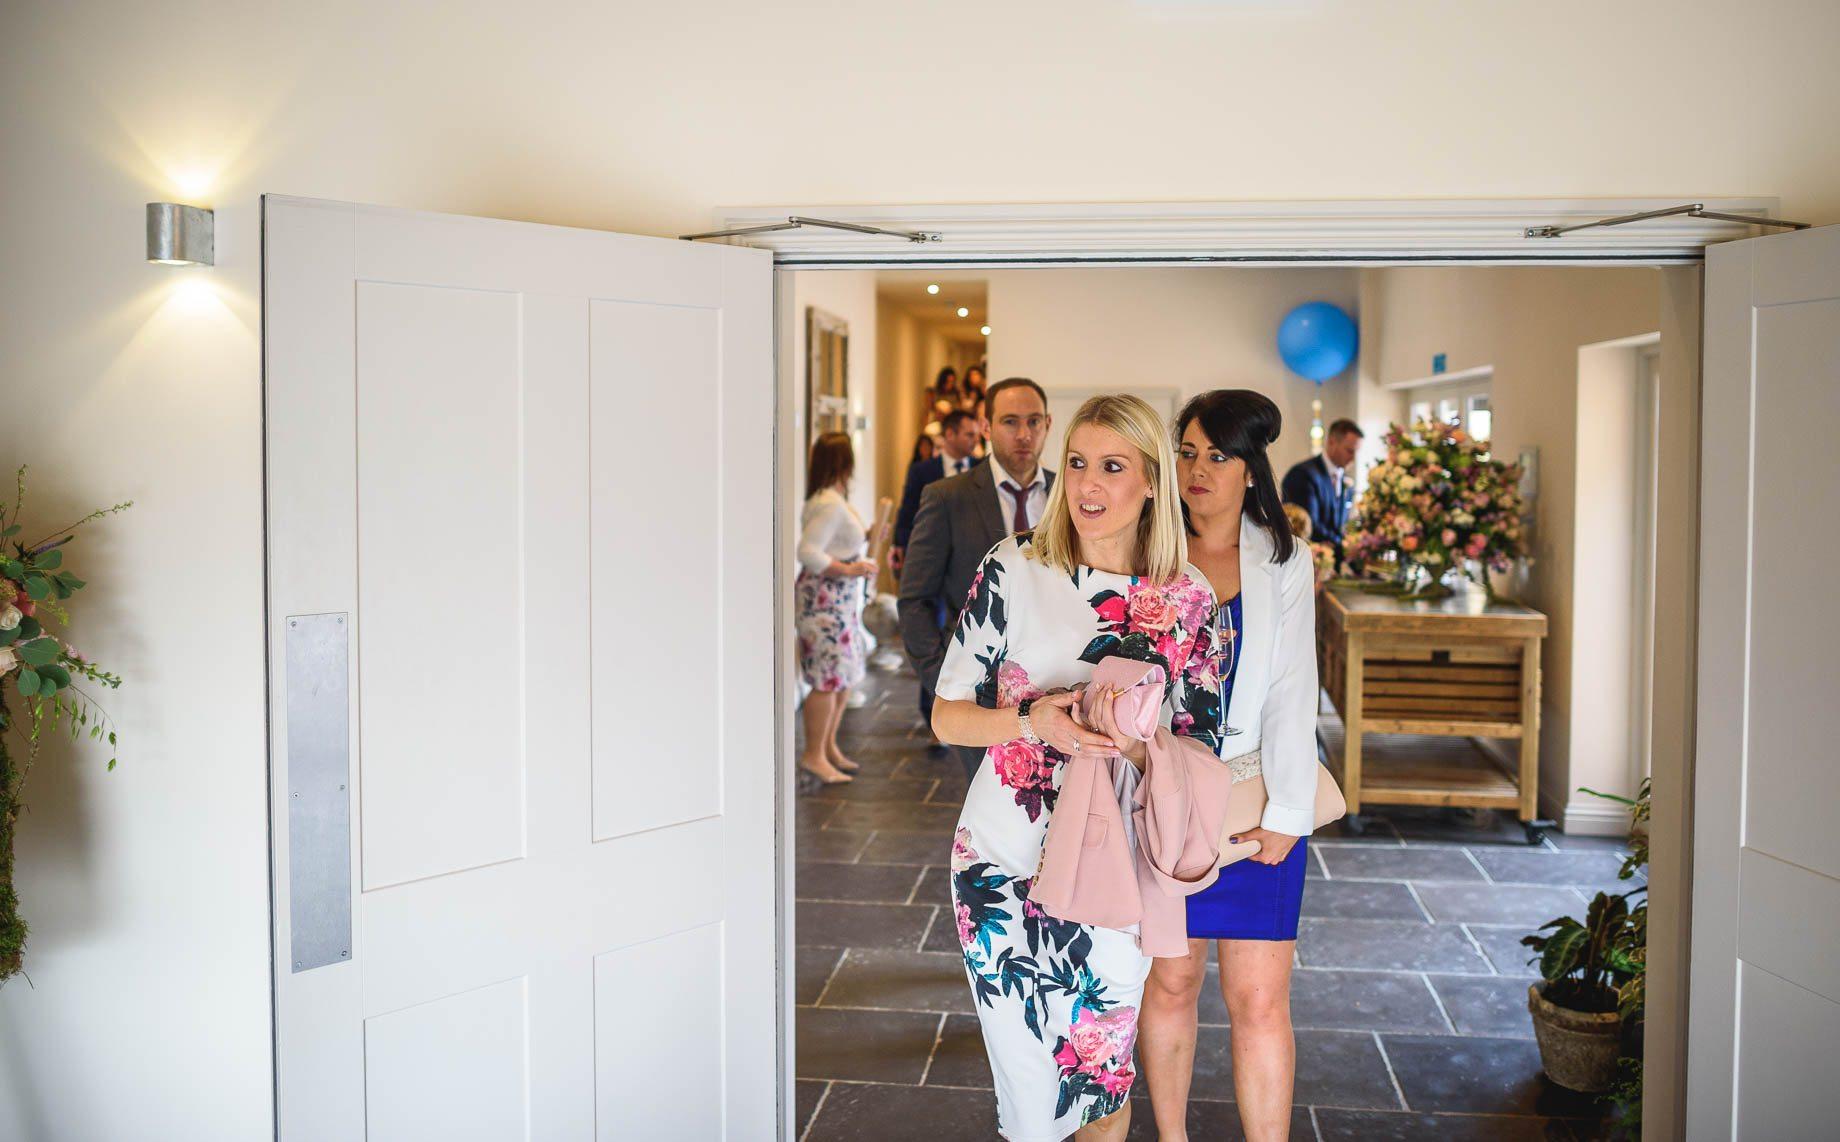 Millbridge Court Wedding Photography - Lisa and Daniel (113 of 173)